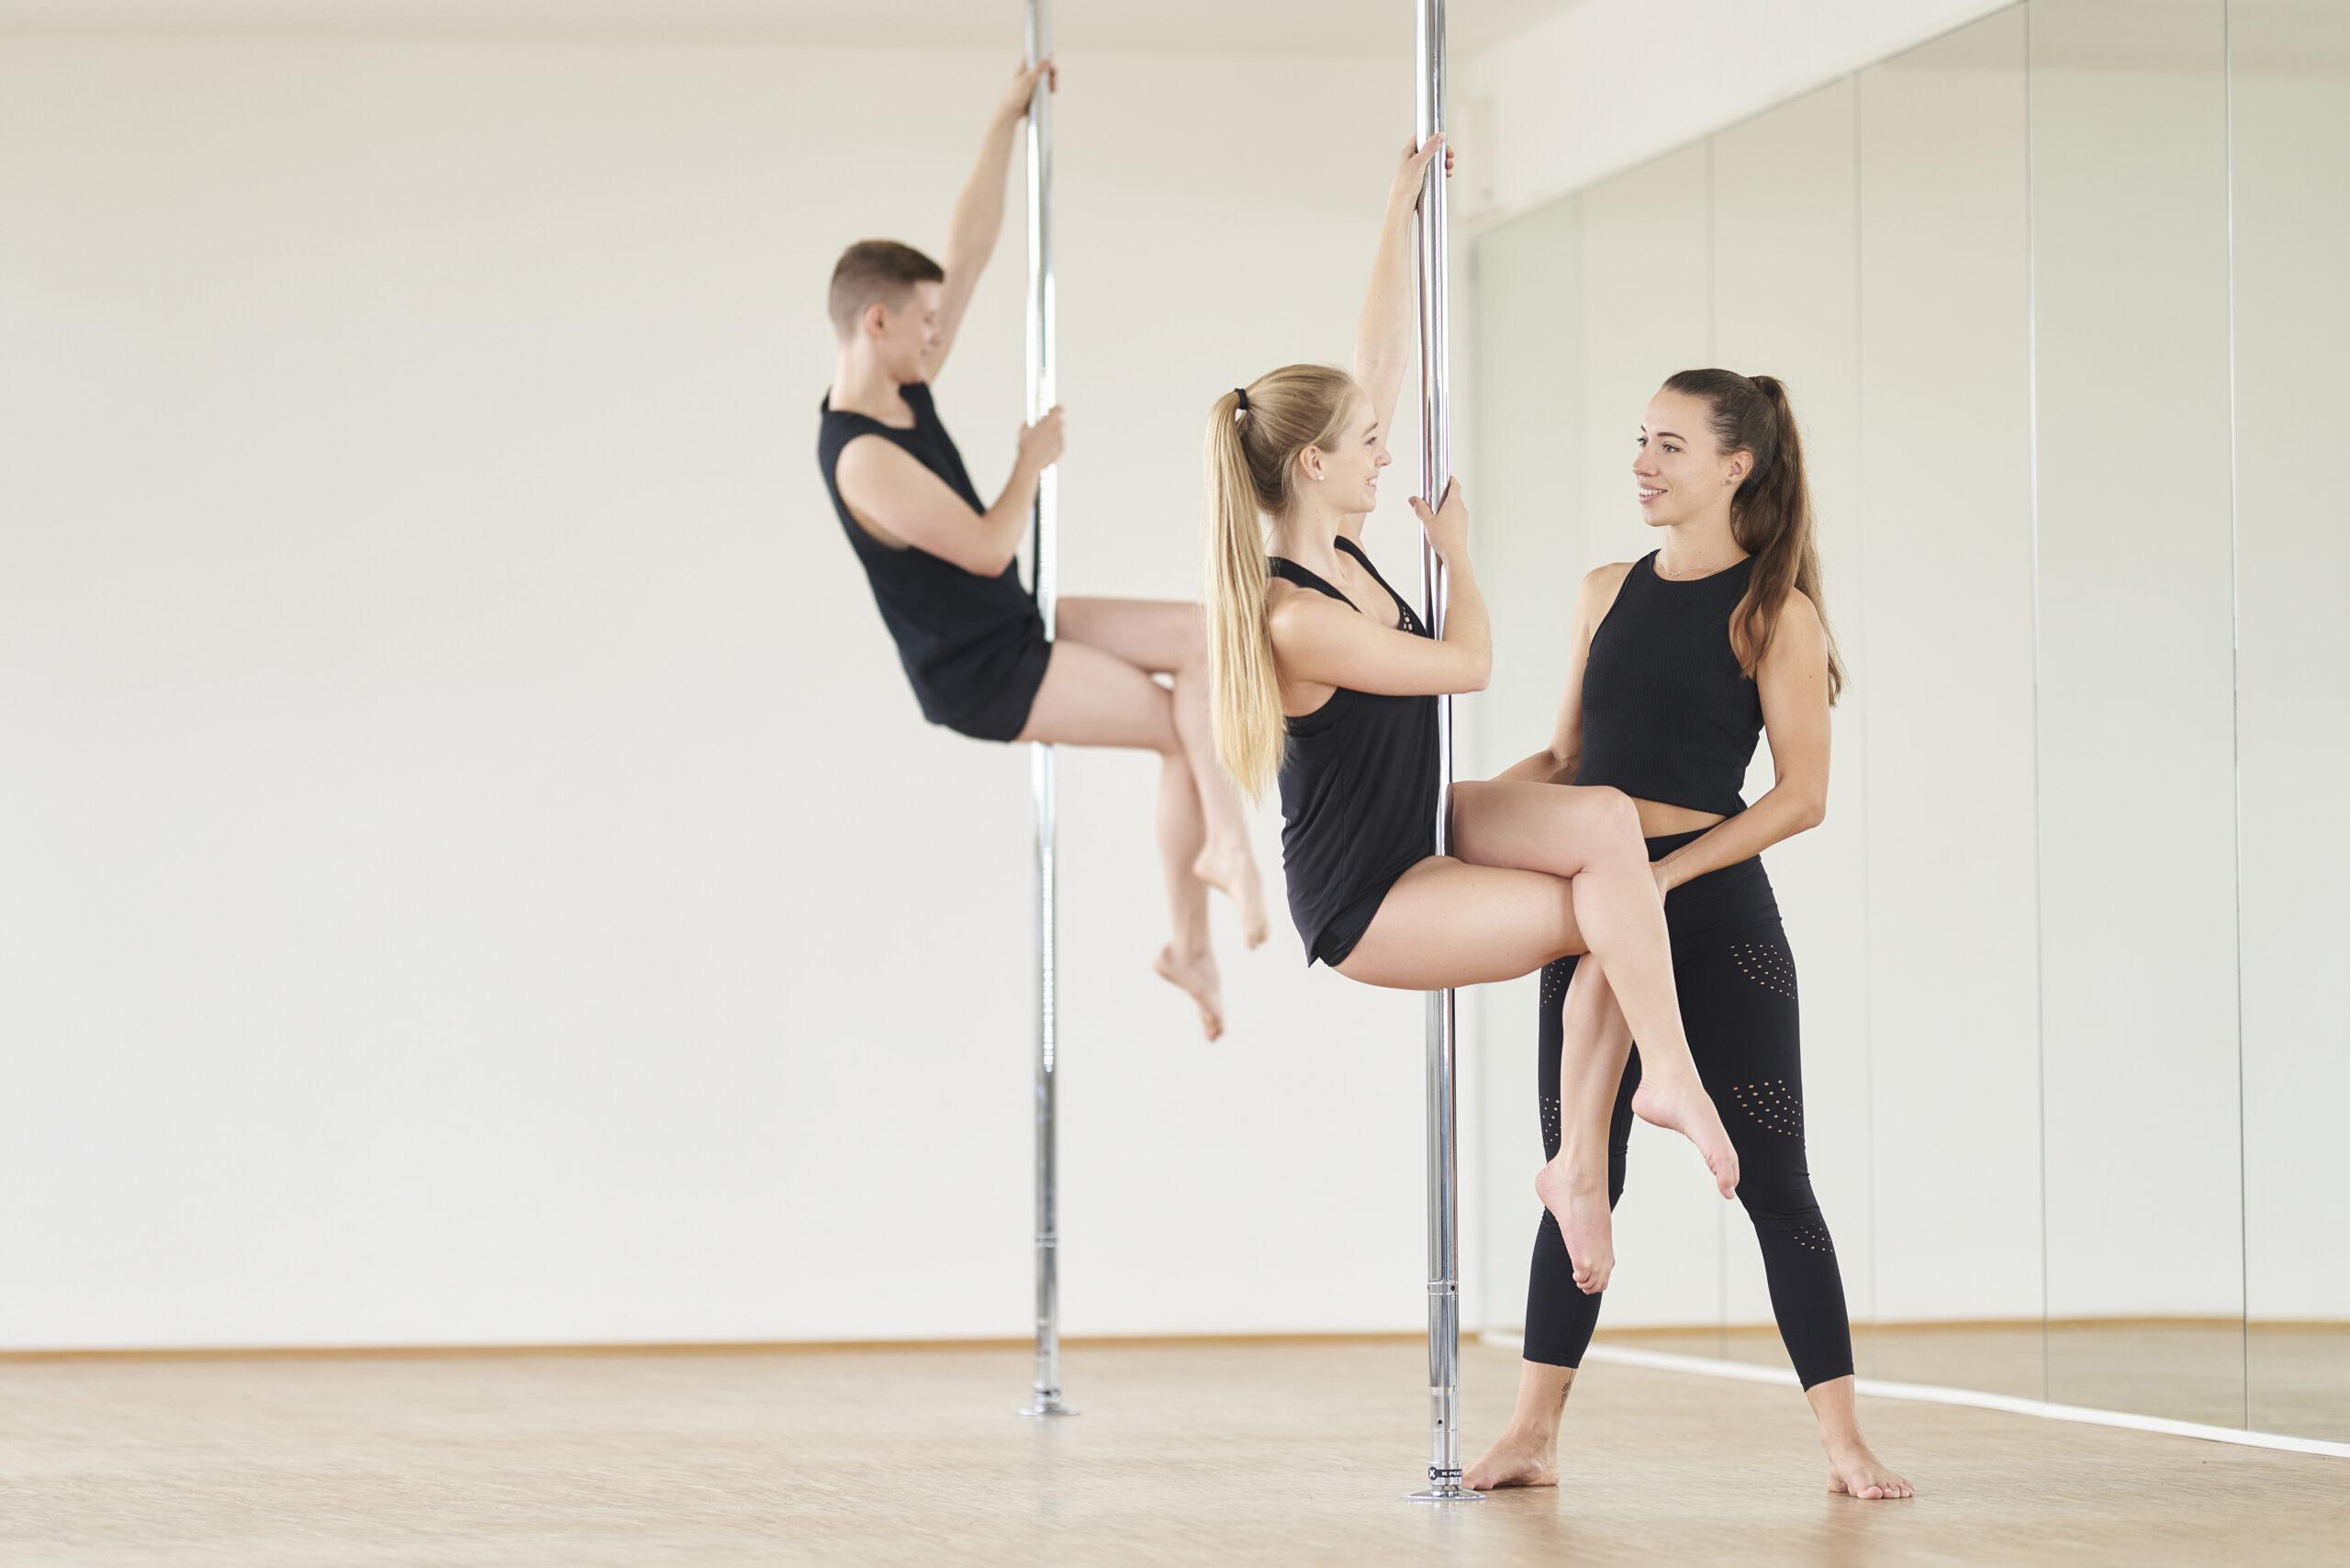 munich-poledance-offene-stunde-teaser